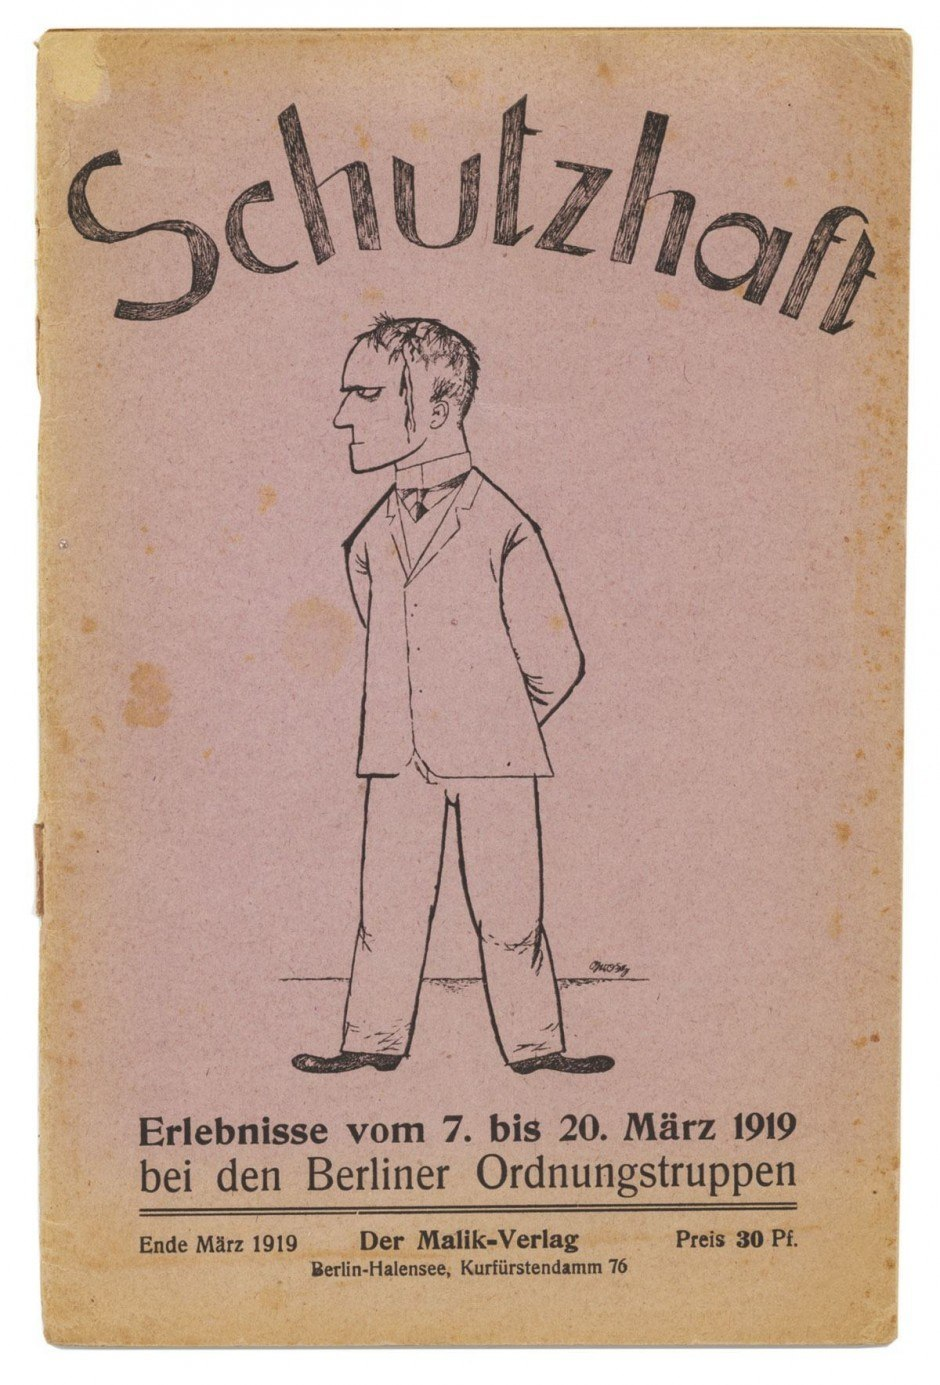 Gerade mal 21 Jahre alt war Wieland Herzfelde, als er 1917 den Malik-Verlag gründete, der anfangs die Werke der Berliner Dadaisten publizierte, später viel politische engagierte Literatur. Die Umschläge gestaltete oft sein Bruder John Heartfield. Für diesen Band, in dem Wieland Herzfelde eigene Erlebnisse schildert, lieferte jedoch George Grosz die Titelzeichnung, einer der ätzendsten Kritiker seiner Zeit. Das Büchlein lässt sich als Faksimile unter http://sdrc.lib.uiowa.edu/dada/schutzhaft lesen